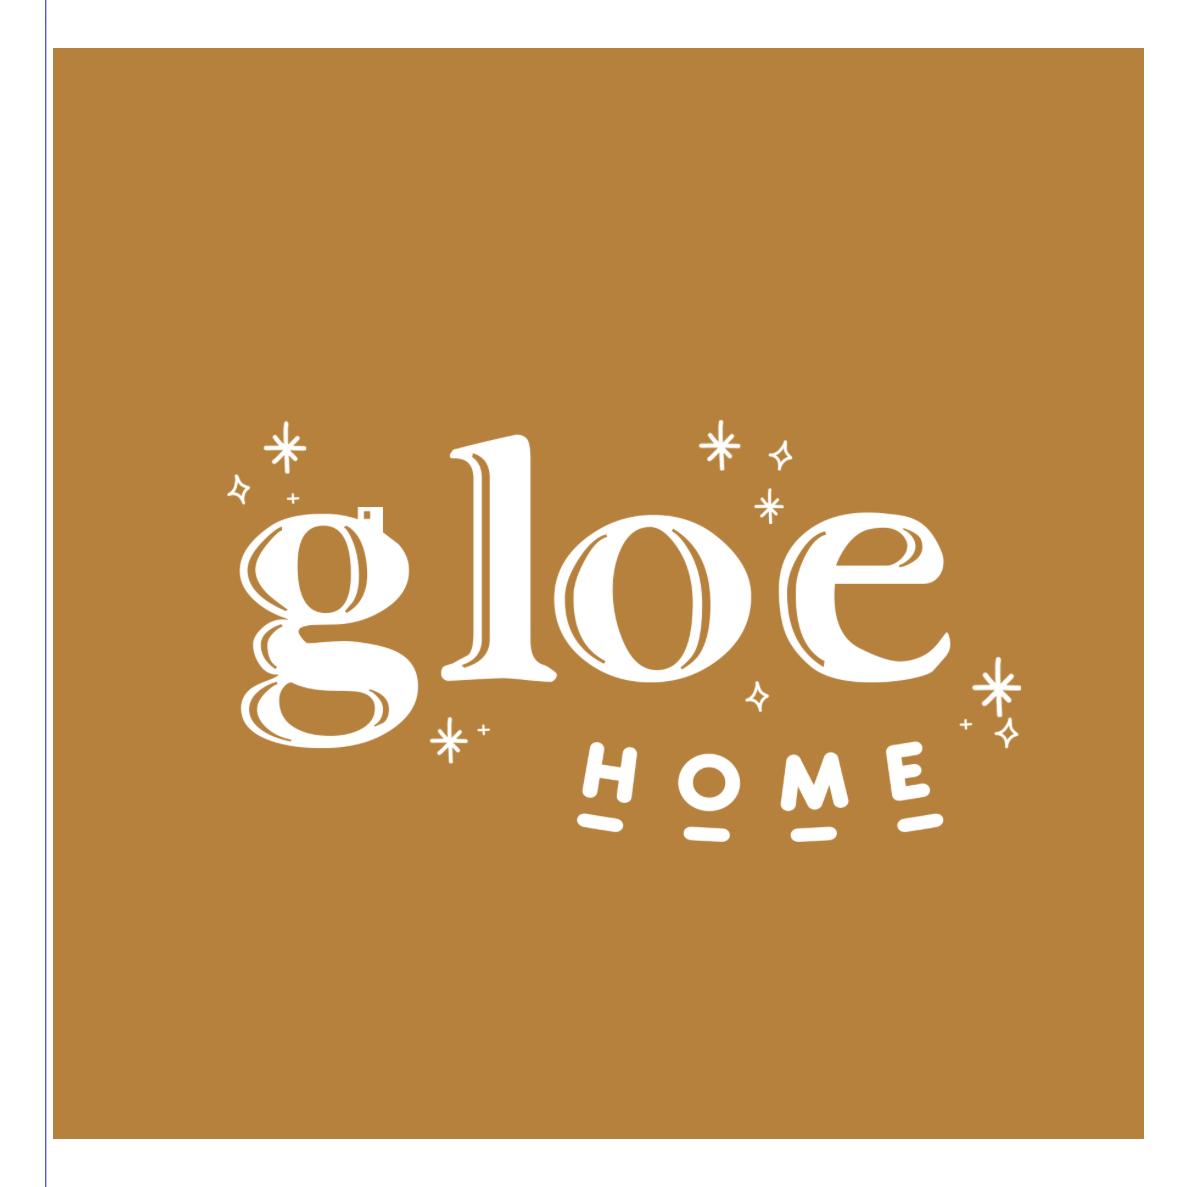 Gloe Home